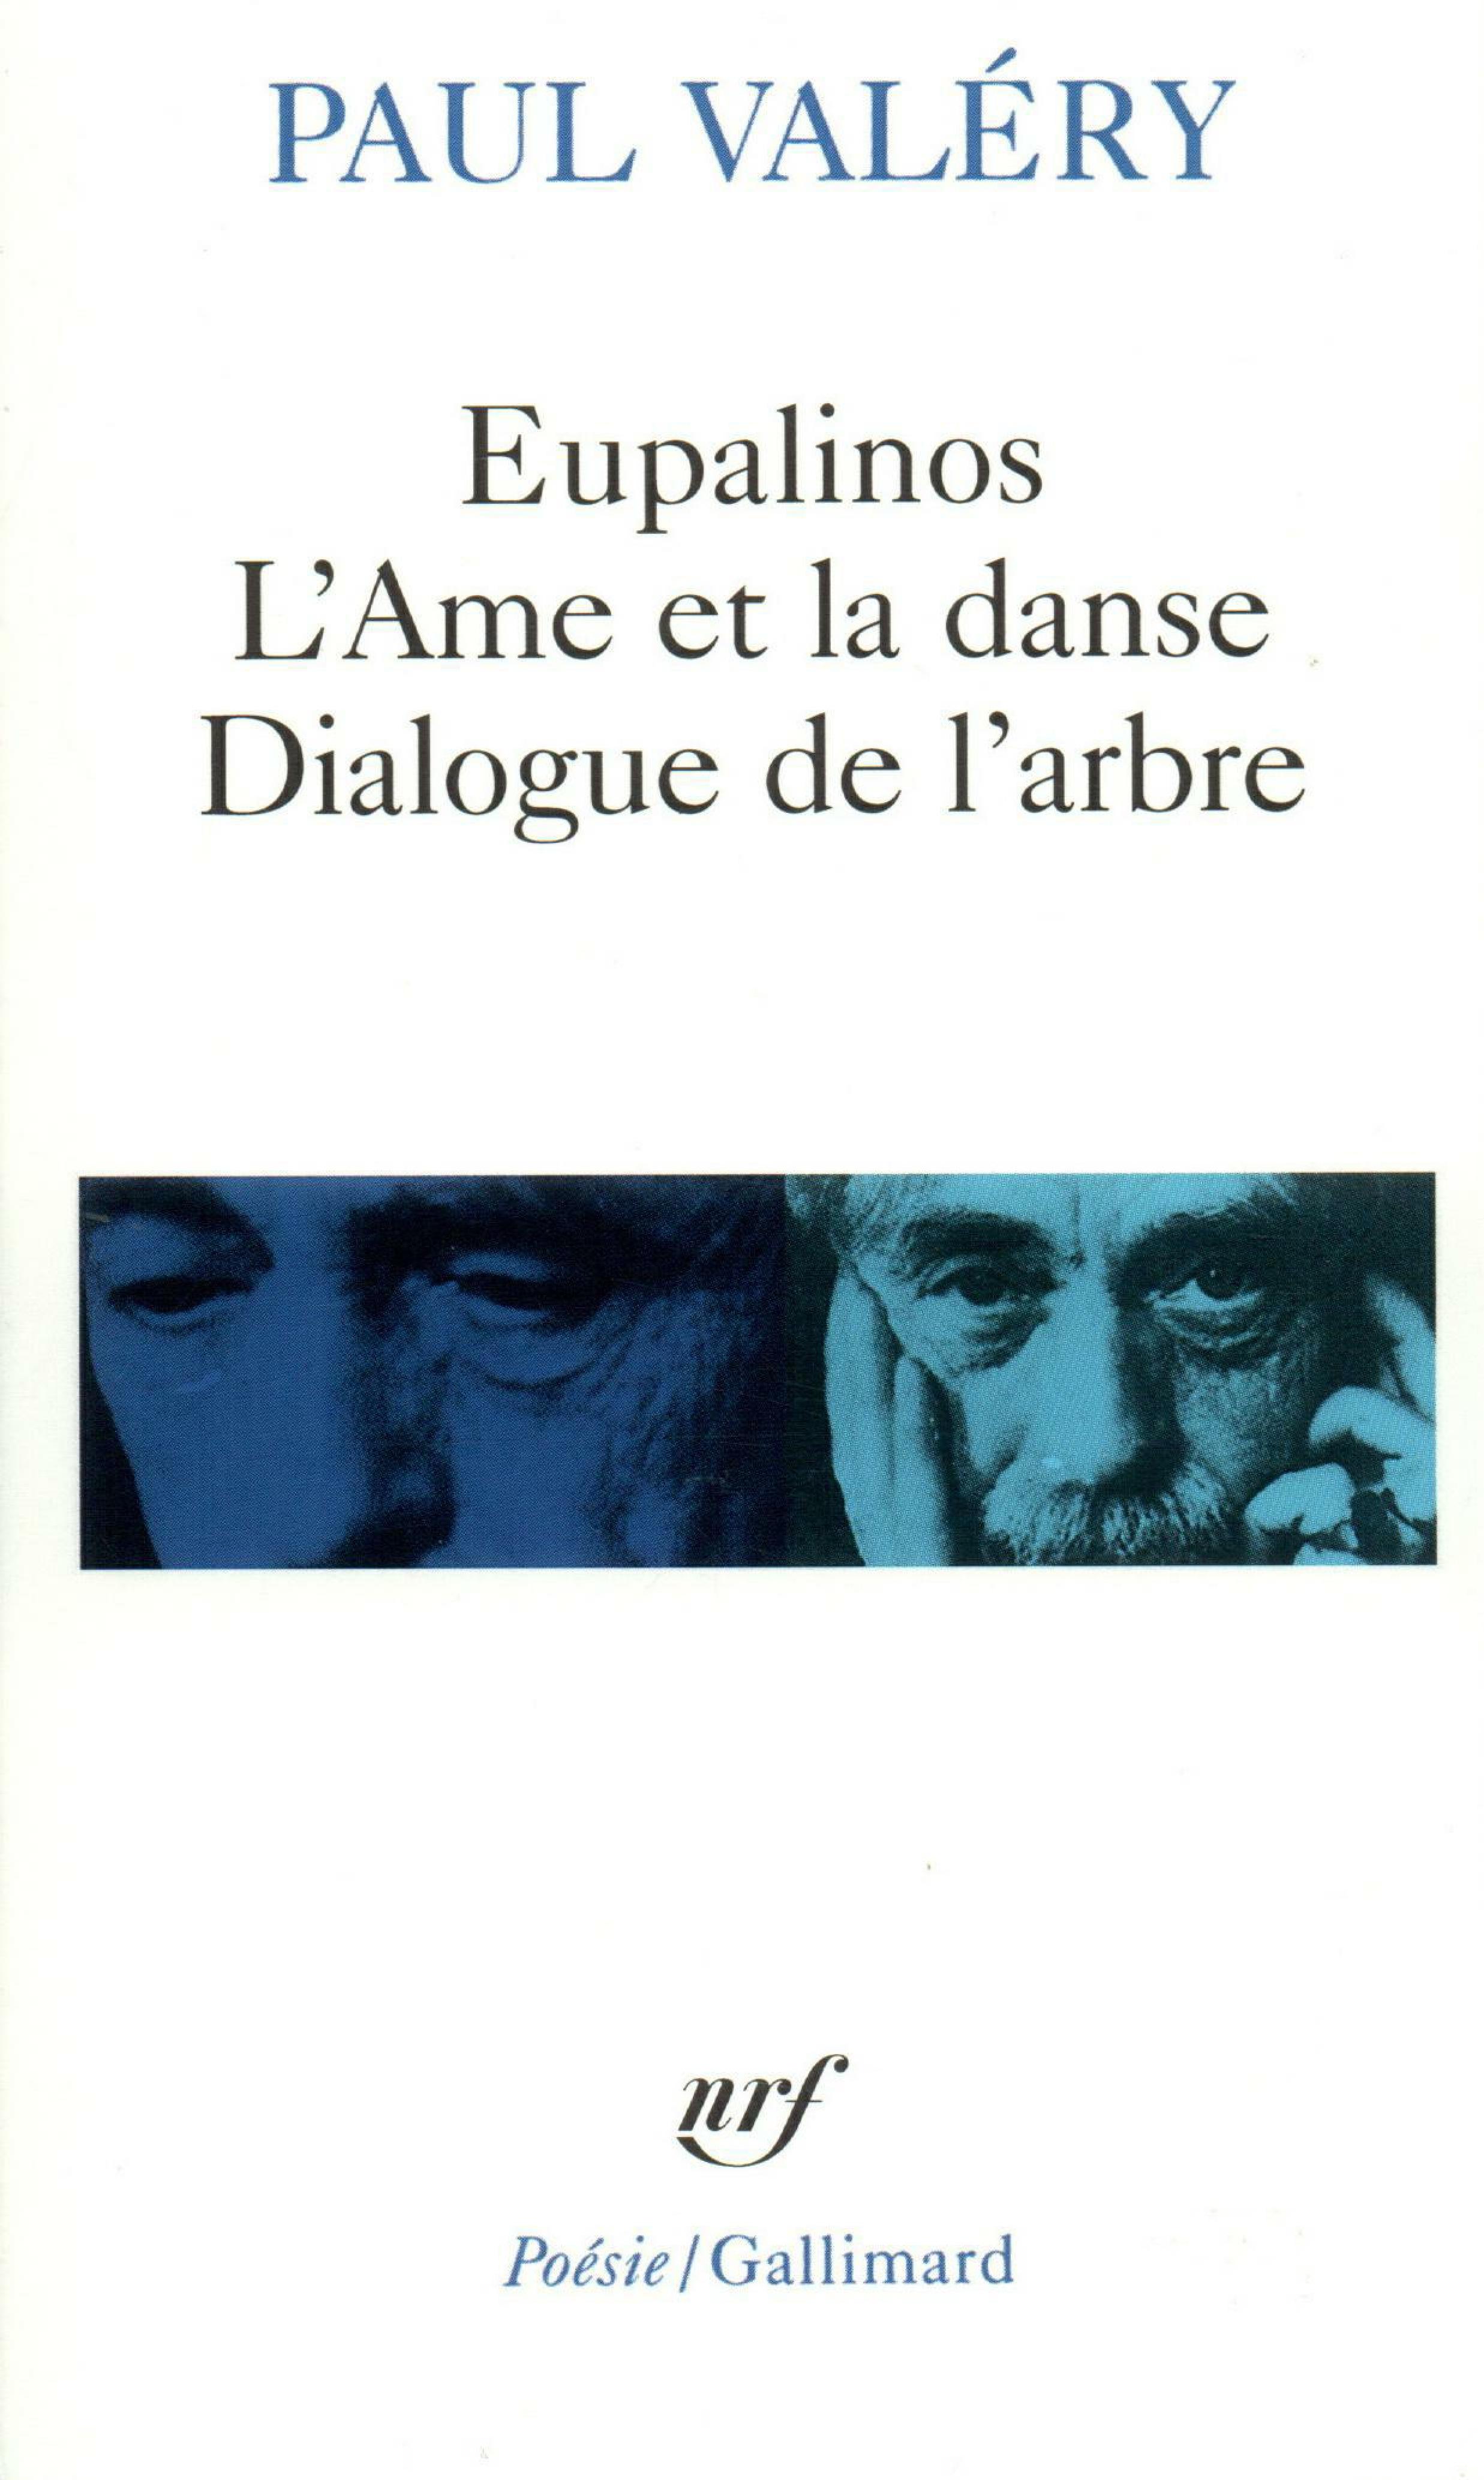 Eupalinos ou l'architecte / L'Âme et la danse / Dialogue de l'arbre